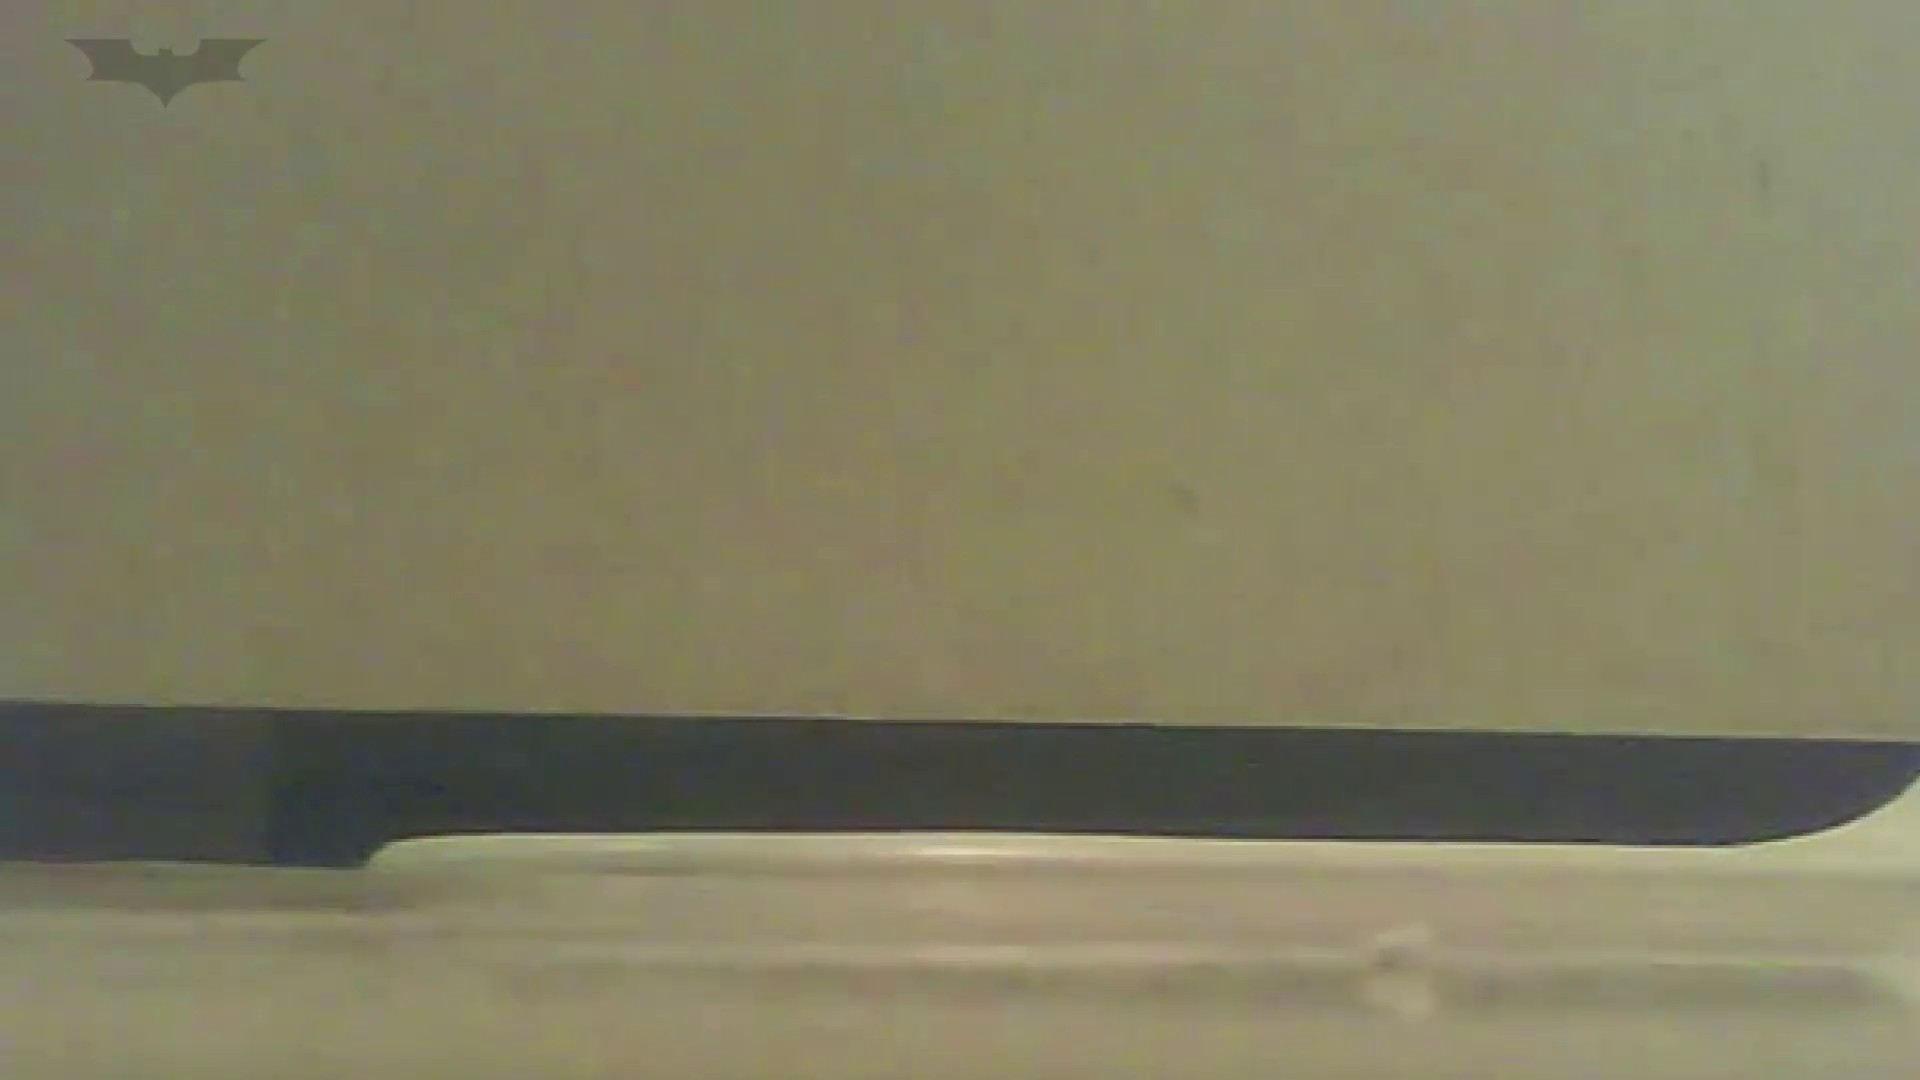 夏の思い出浜辺トイレ盗撮Vol.17 盗撮 オメコ動画キャプチャ 65PIX 37